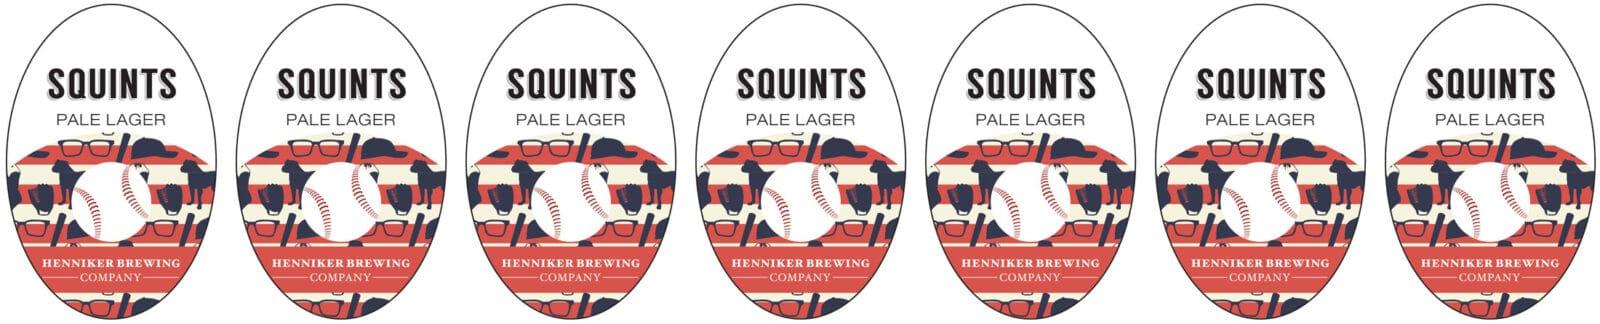 Squints Pale Ale by Henniker header